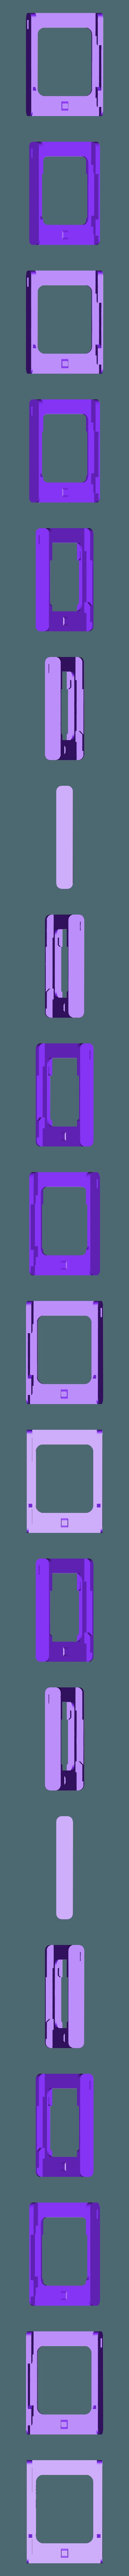 D-LI90_battery_holder_2x-m_v2-0.STL Télécharger fichier STL gratuit Support de pile D-Li90 • Objet à imprimer en 3D, WalterHsiao